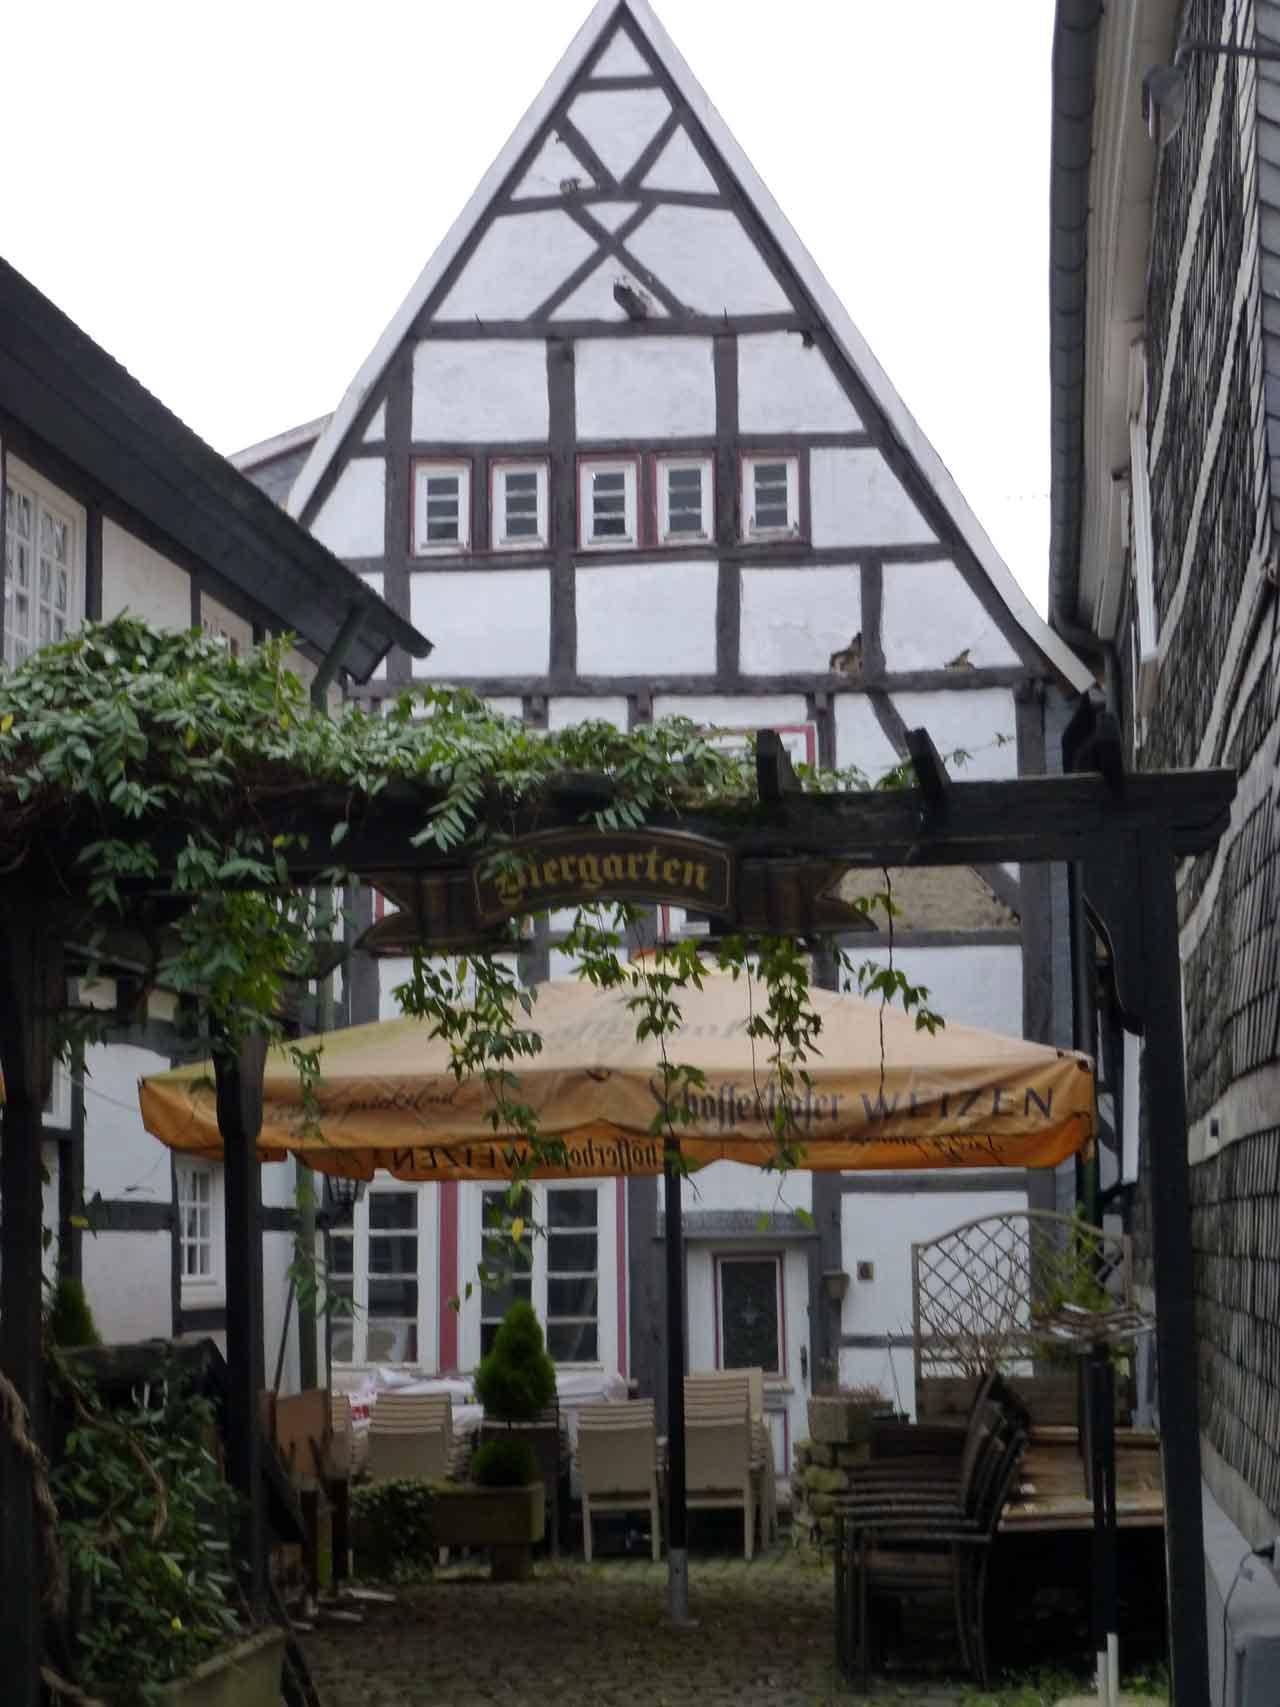 Golfreisen - Nordrhein-Westfalen - Hattingen - im Ruhrgebiet | OnGolf